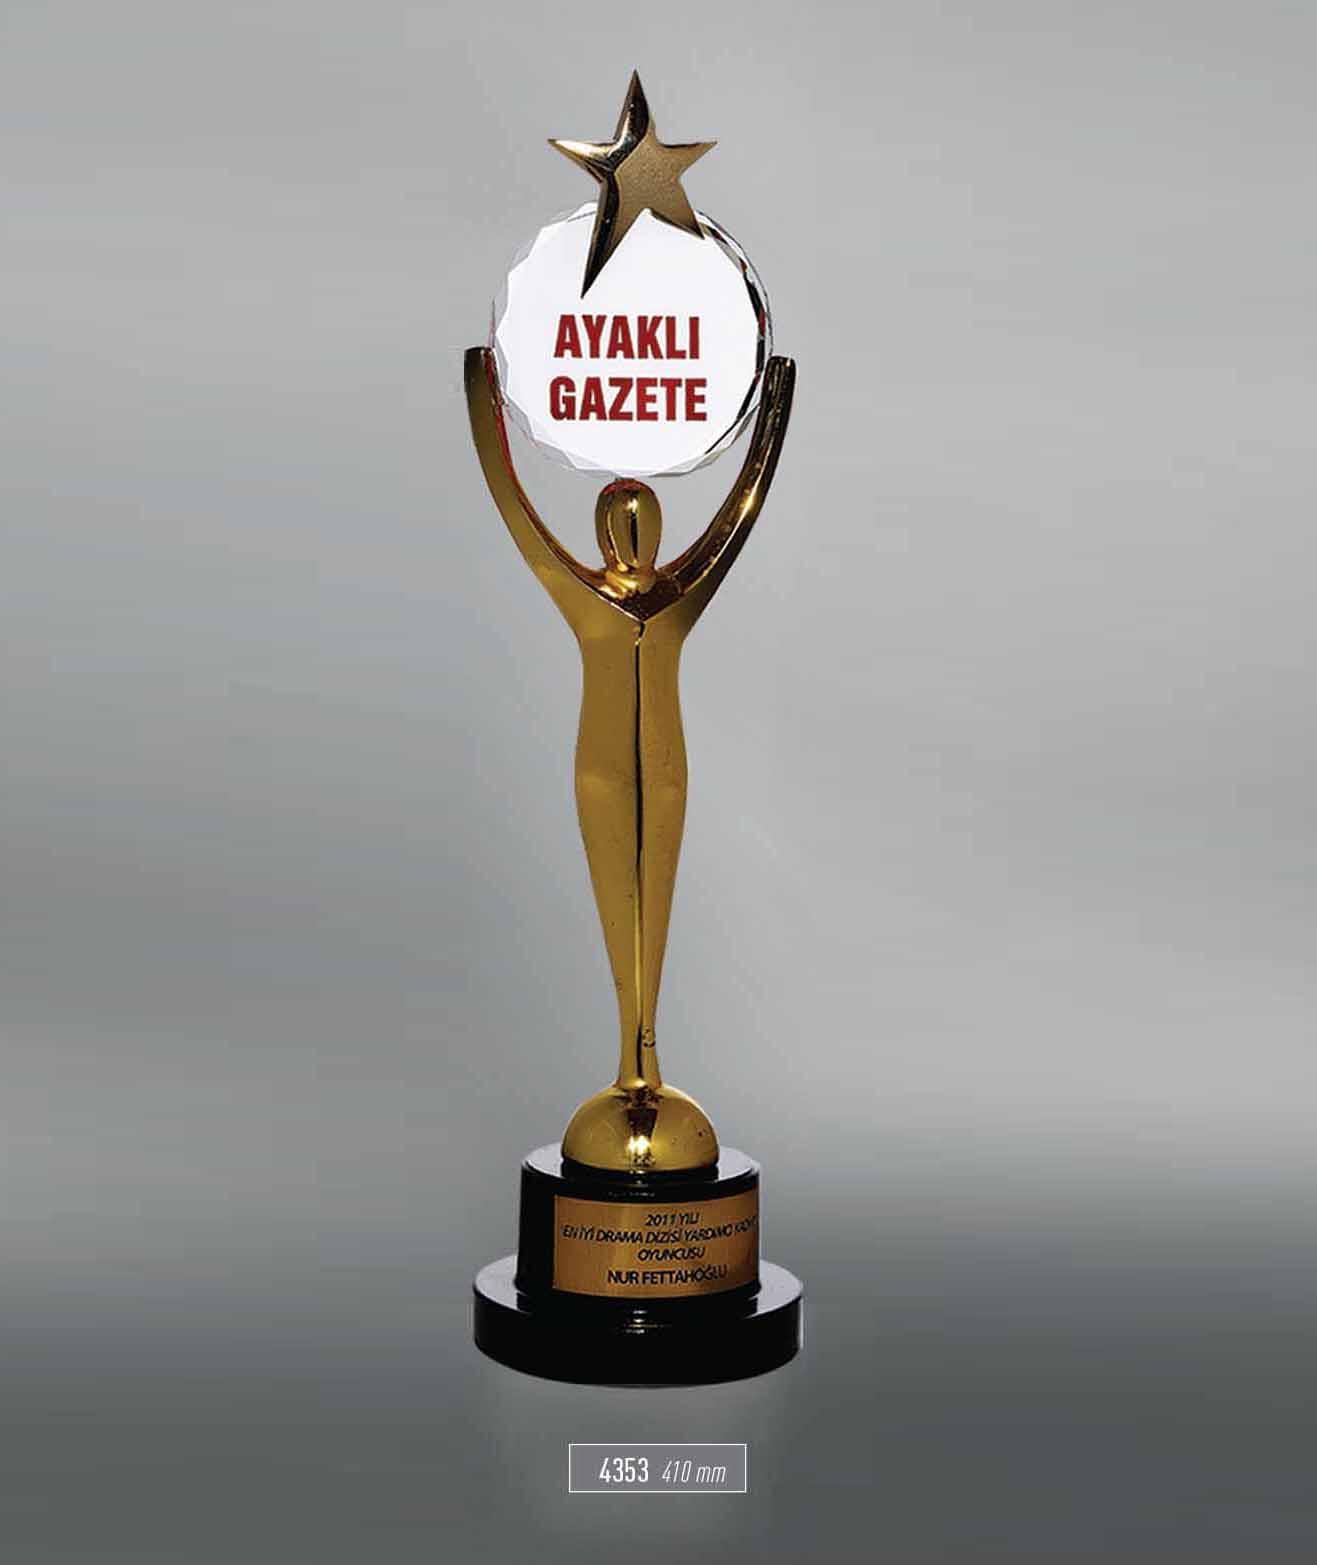 4353 - Award